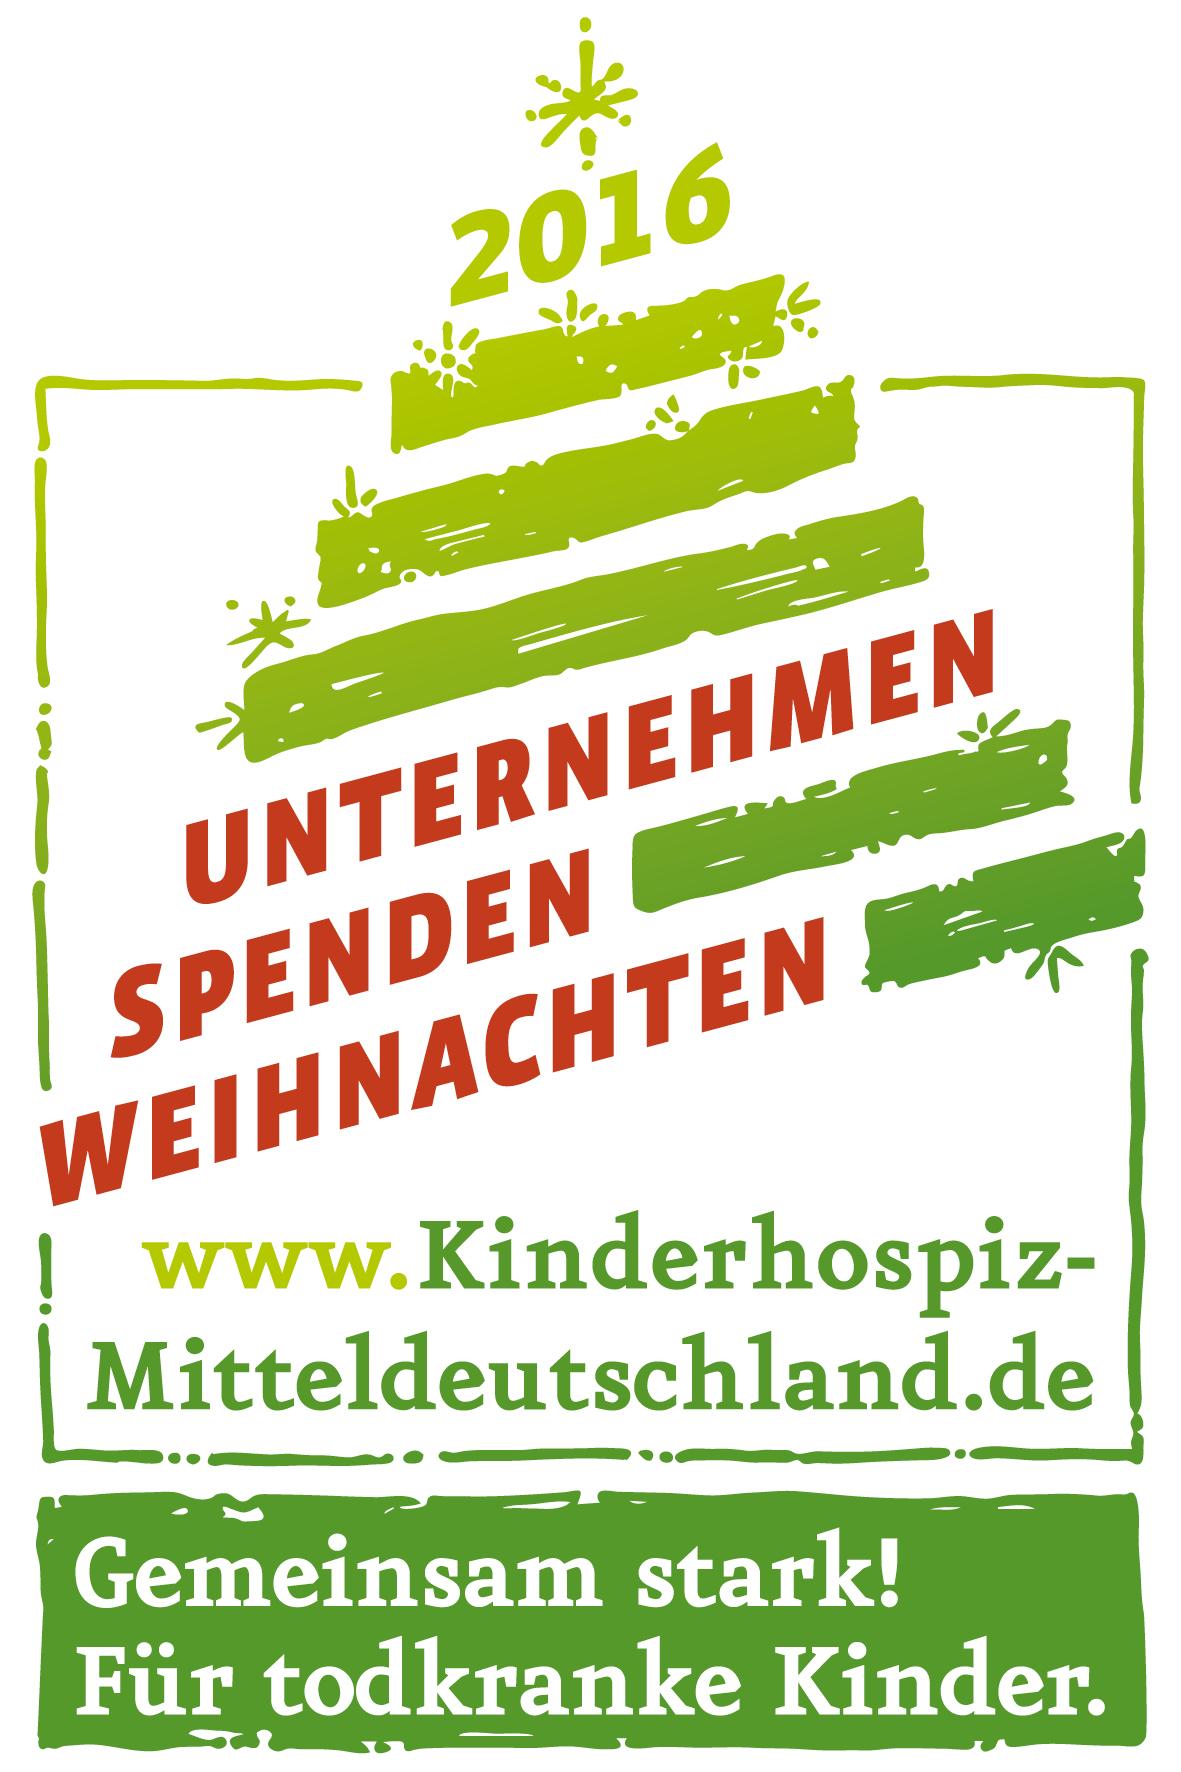 Logo Kinderhospitz Mitteldeutschland